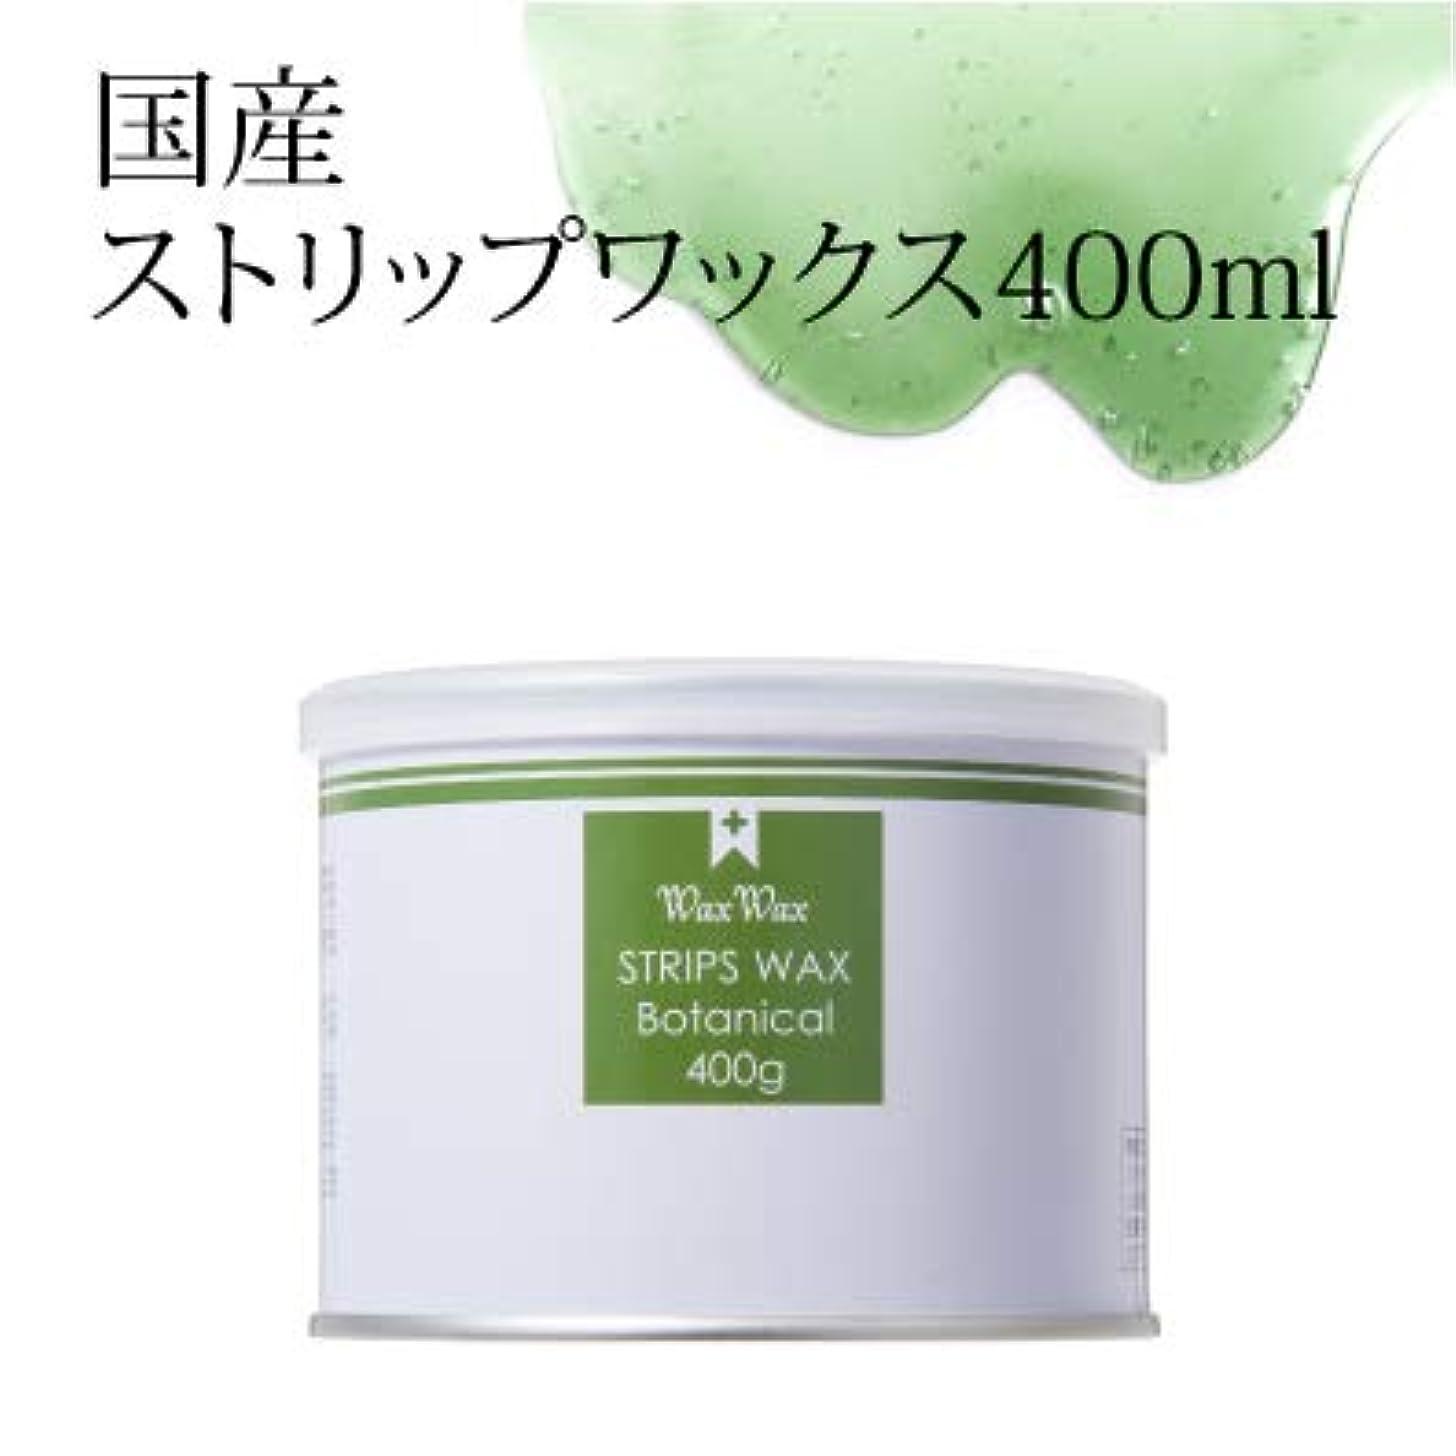 タクト一致効率純国産【ワックス脱毛】 ボタニカル ワックス 400ml 日本製